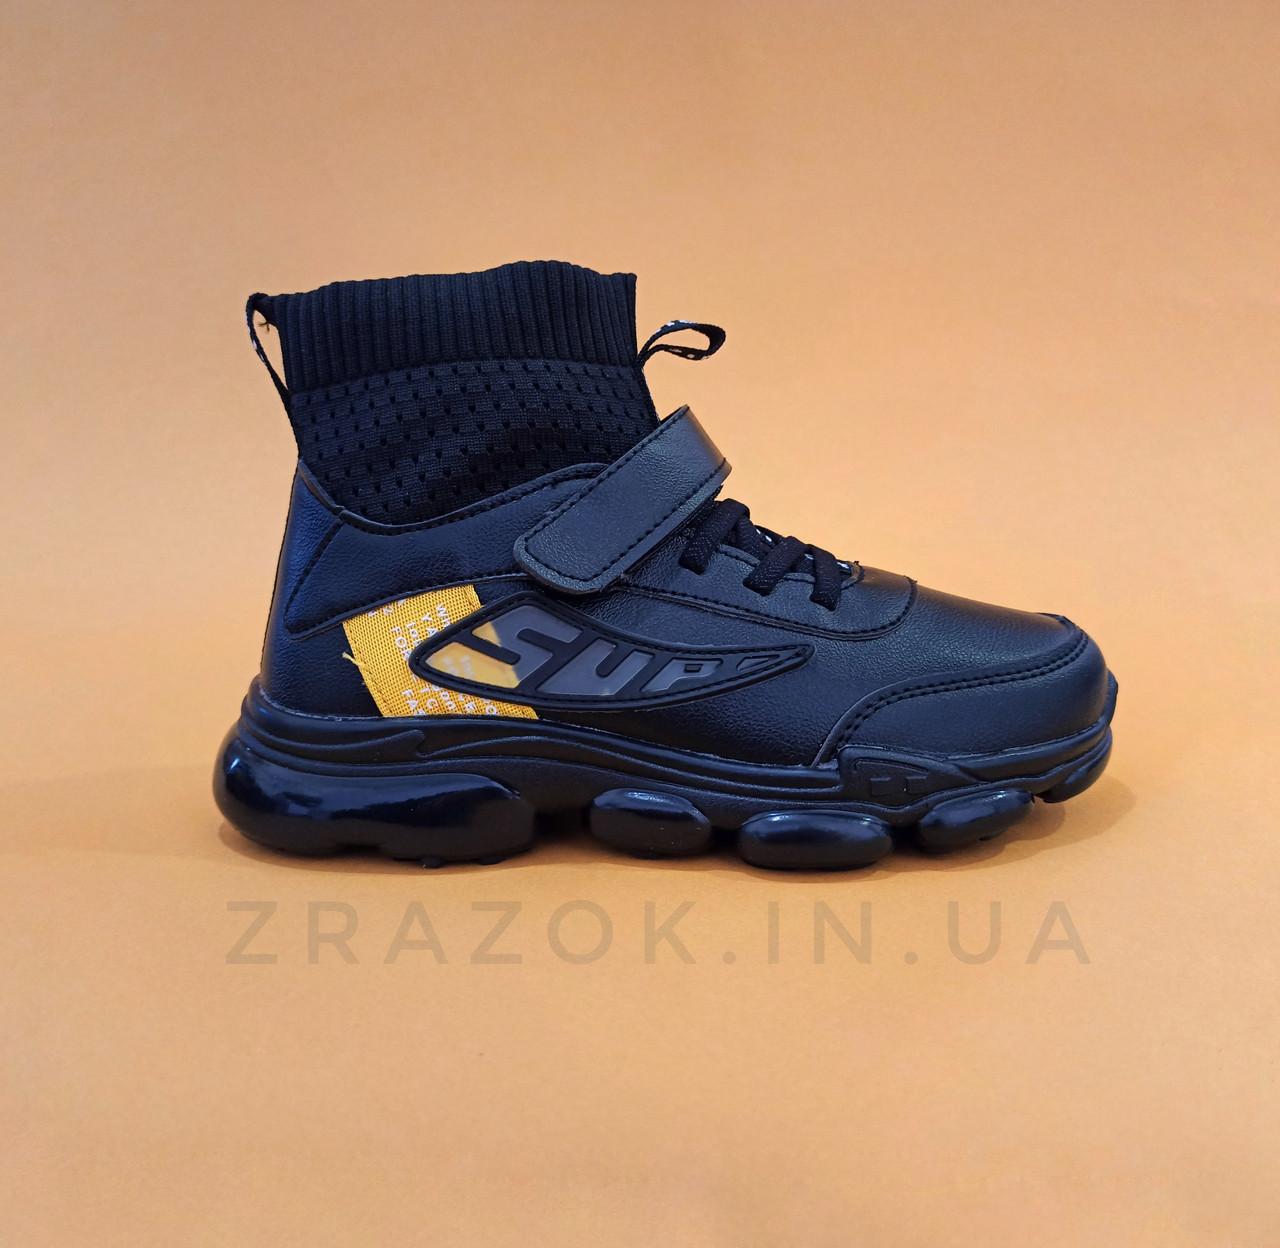 Кроссовки кожаные черные детские кроссовки носки nike air vapormax летние